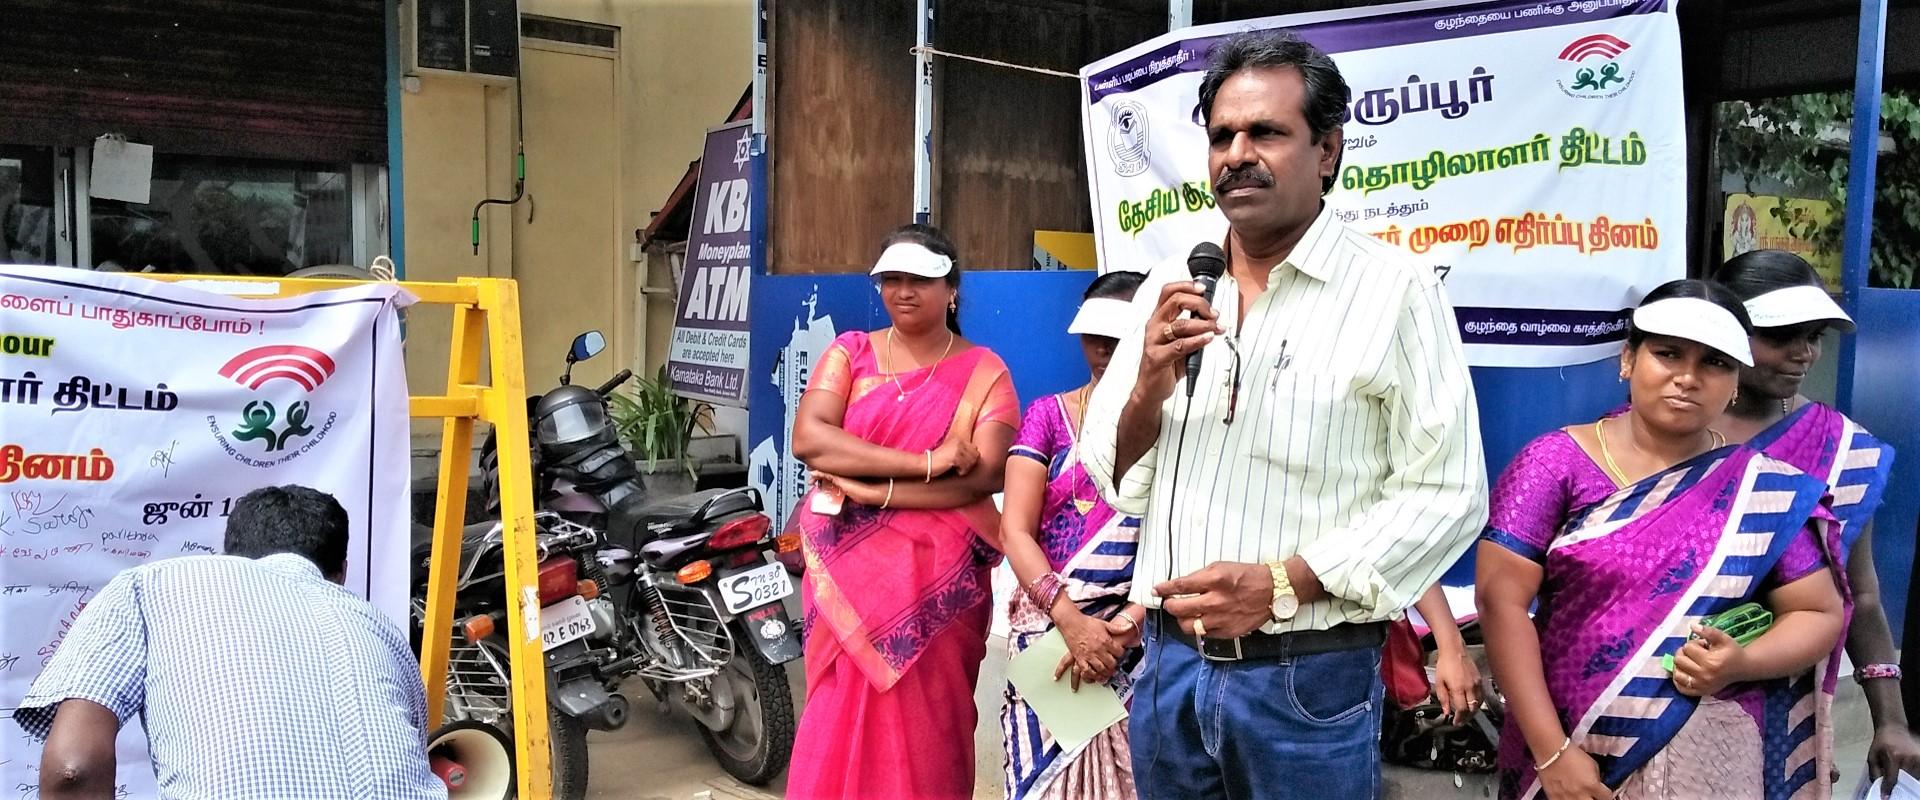 Giornata_contro_lavoro_minorile_India_mani_tese_2017